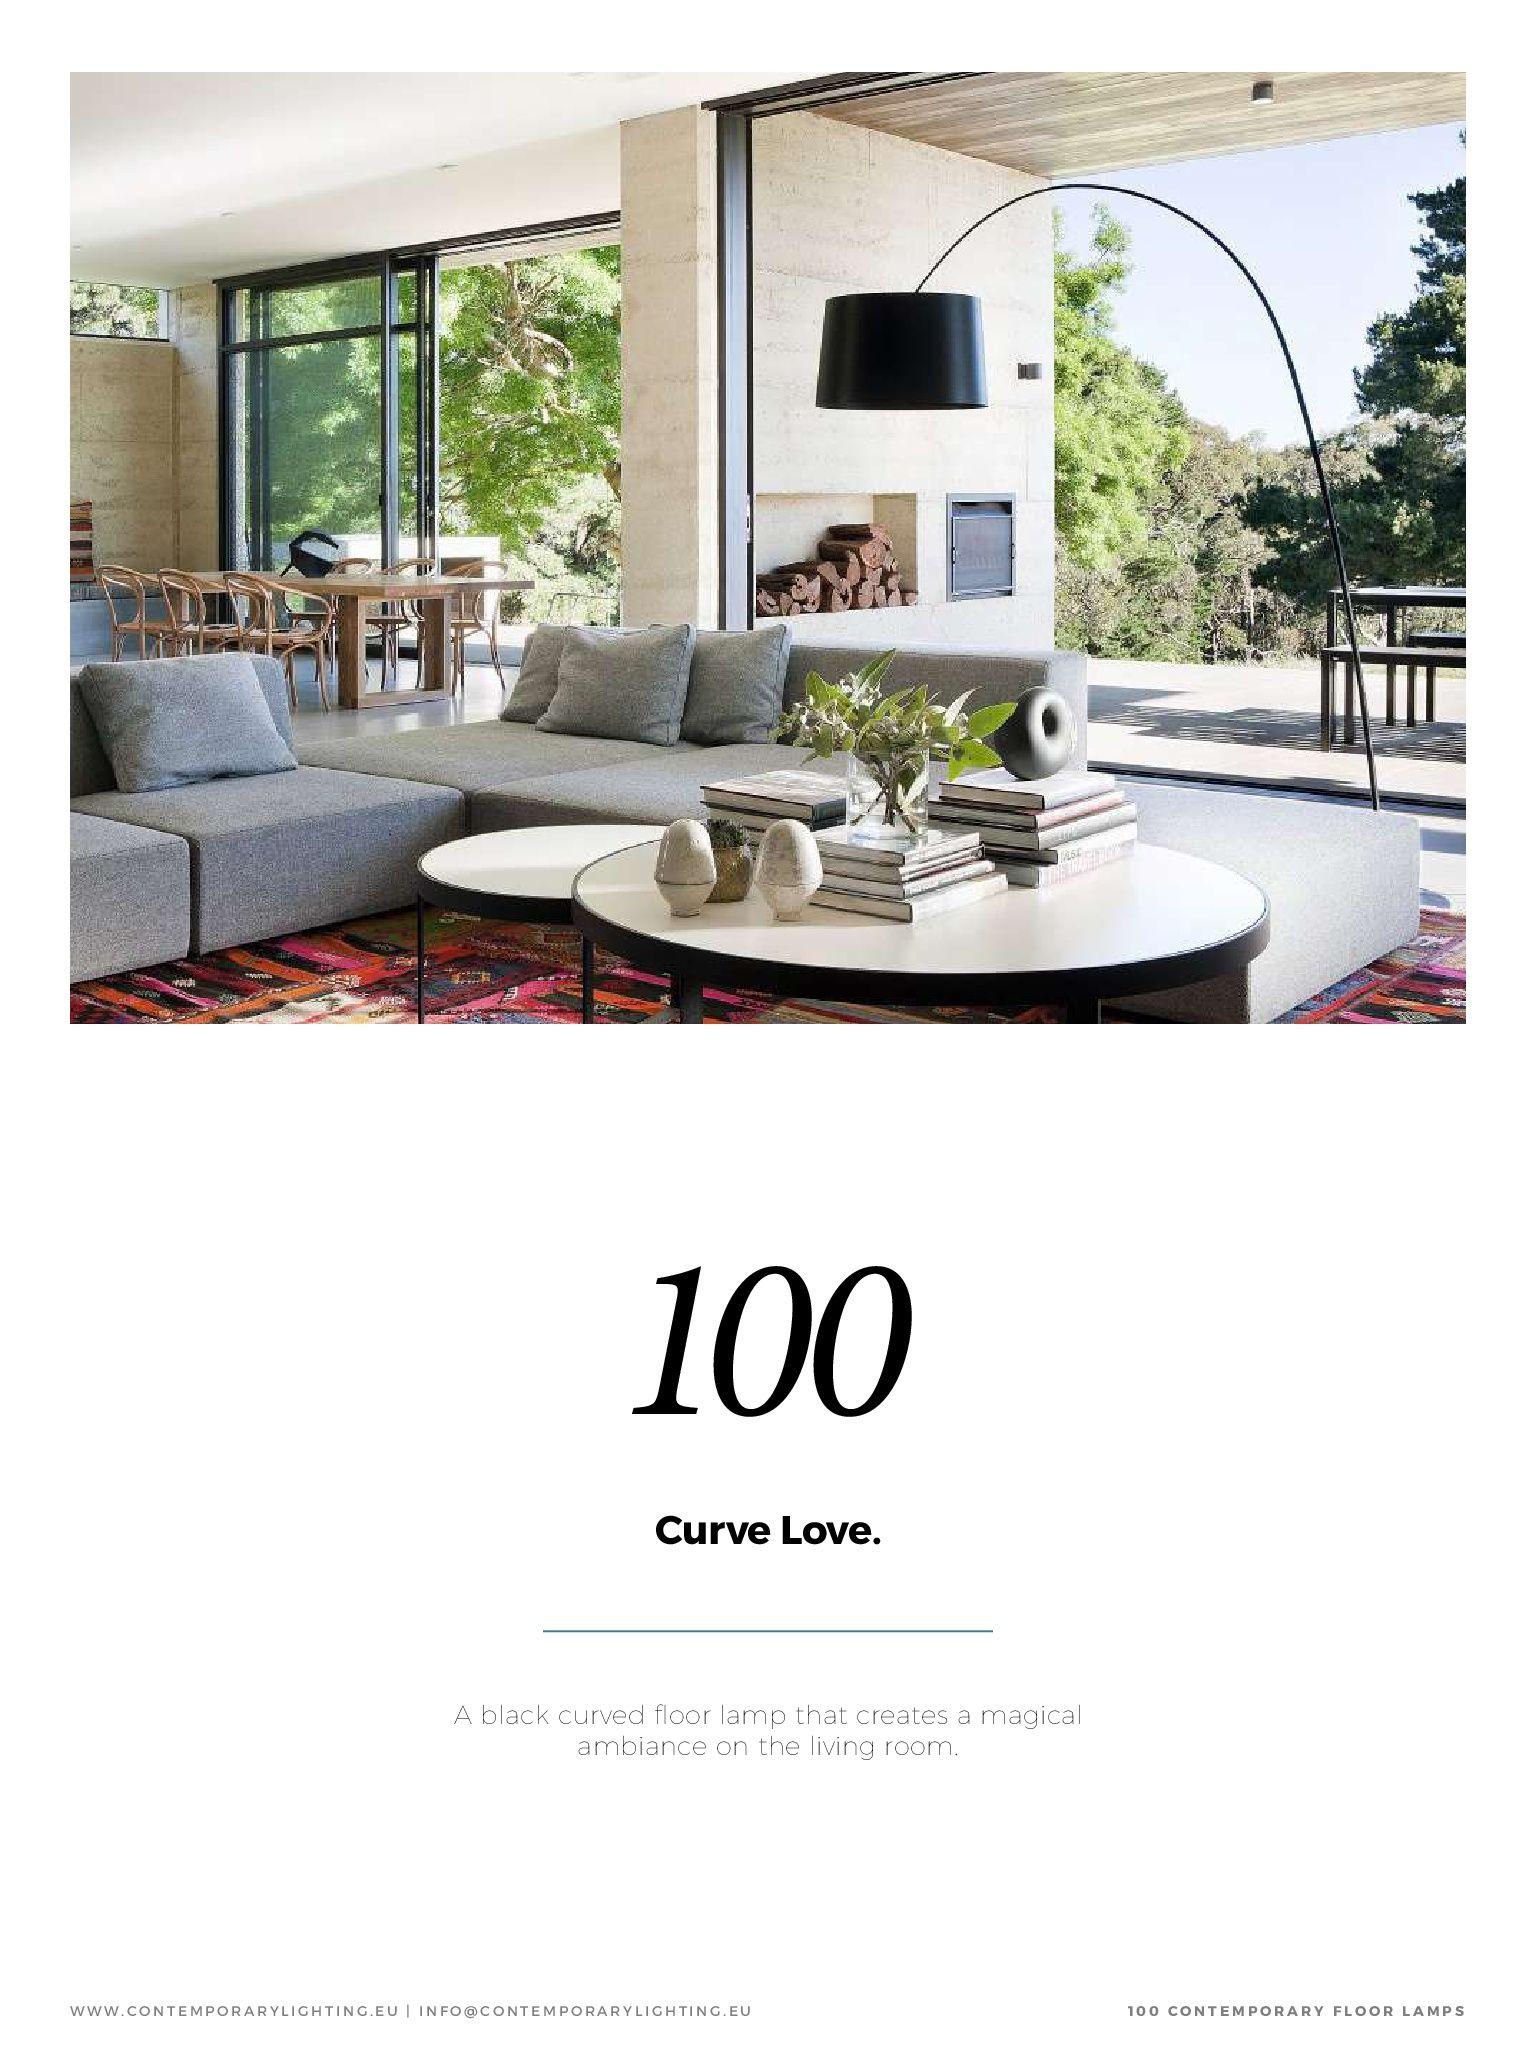 Una selezione delle lampade da terra più distinte e contemporanee. Dai migliori designer e marchi di illuminazione del mondo, ti presentiamo 100 idee per farti ispirare! Divertirsi!